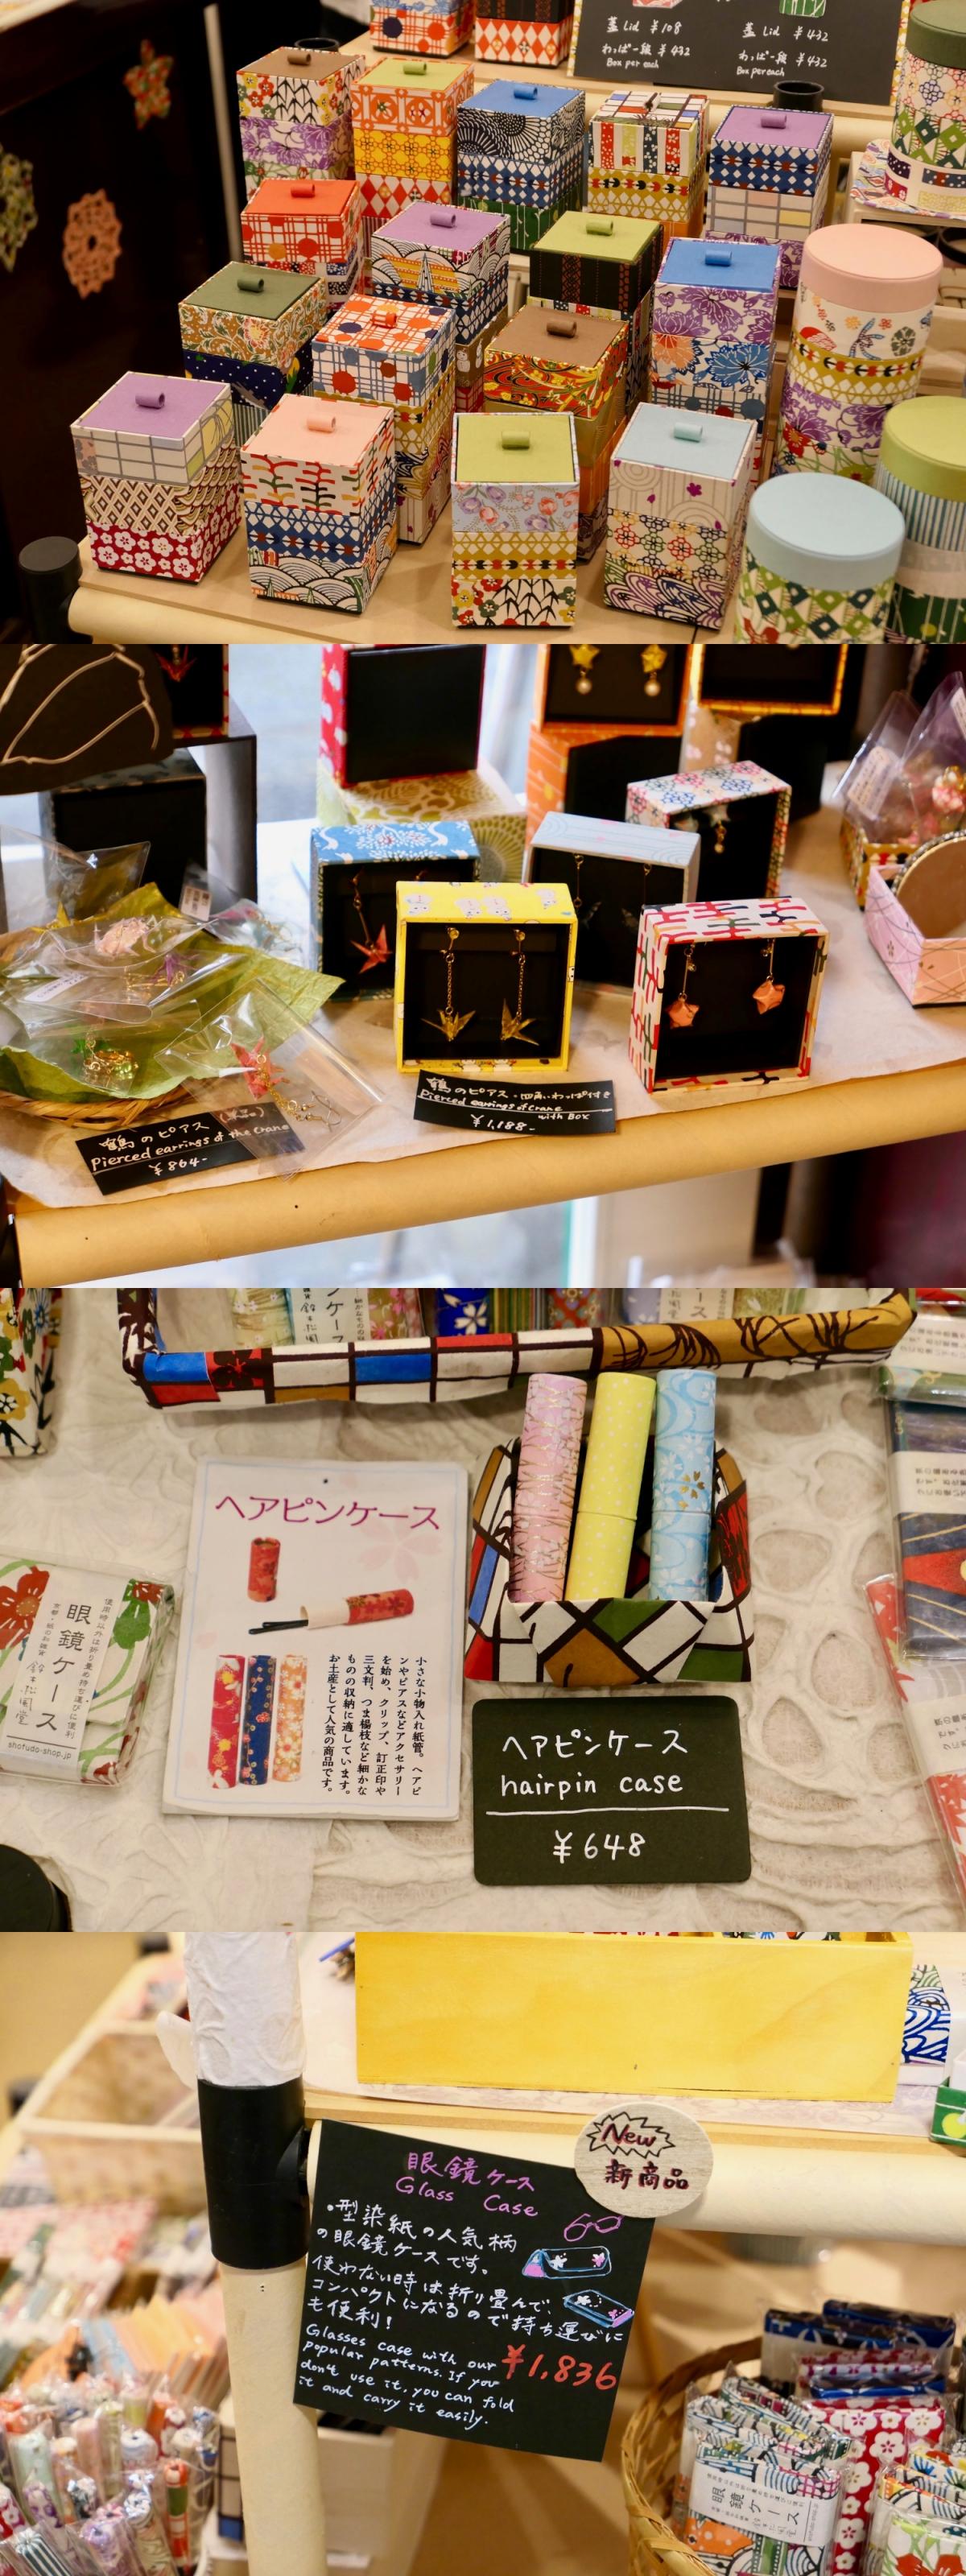 귀걸이, 머리핀 케이스, 안경집 등 전통 종이를 활용해 만든 다양한 아이템 ©생각노트